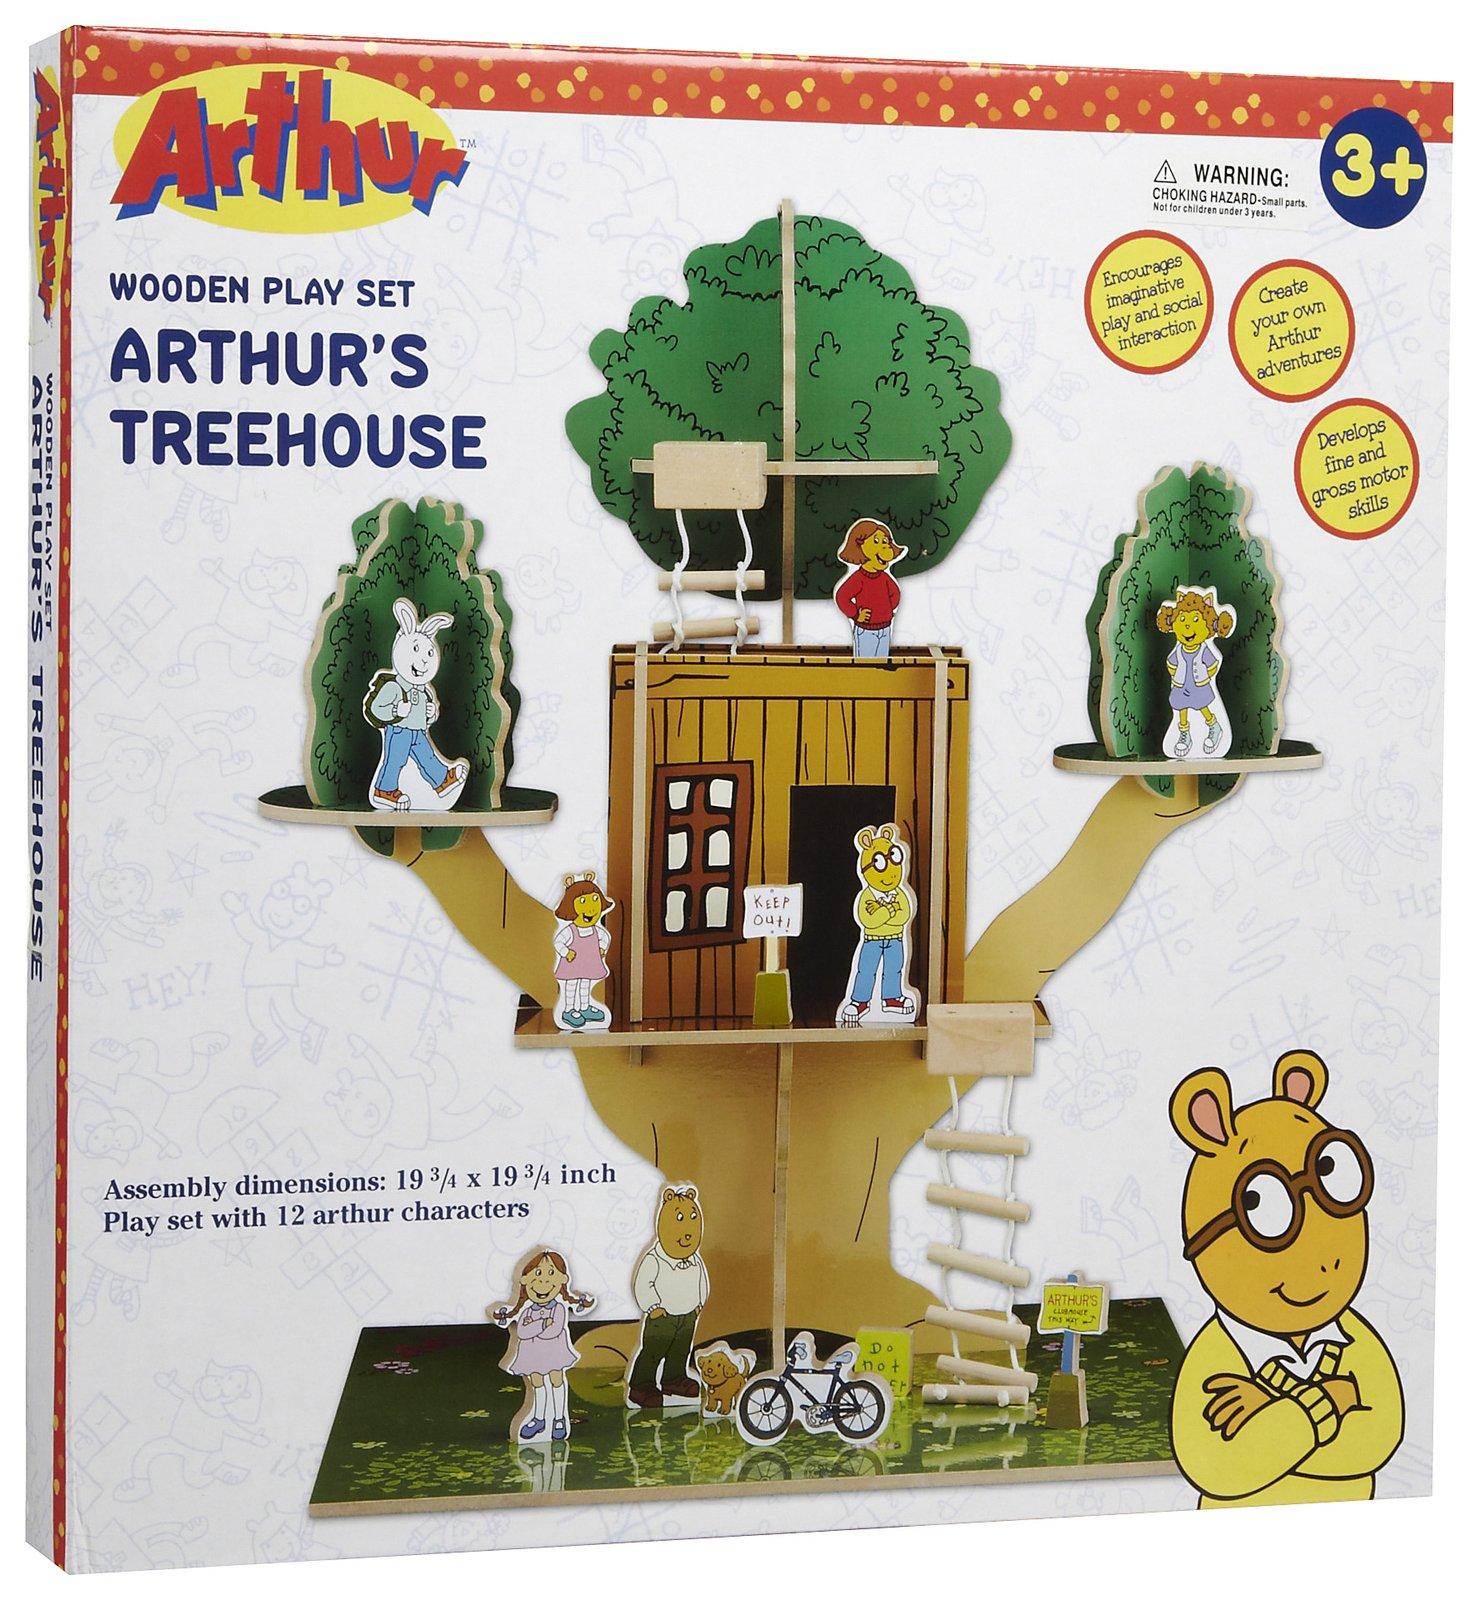 Arthur's Treehouse playset